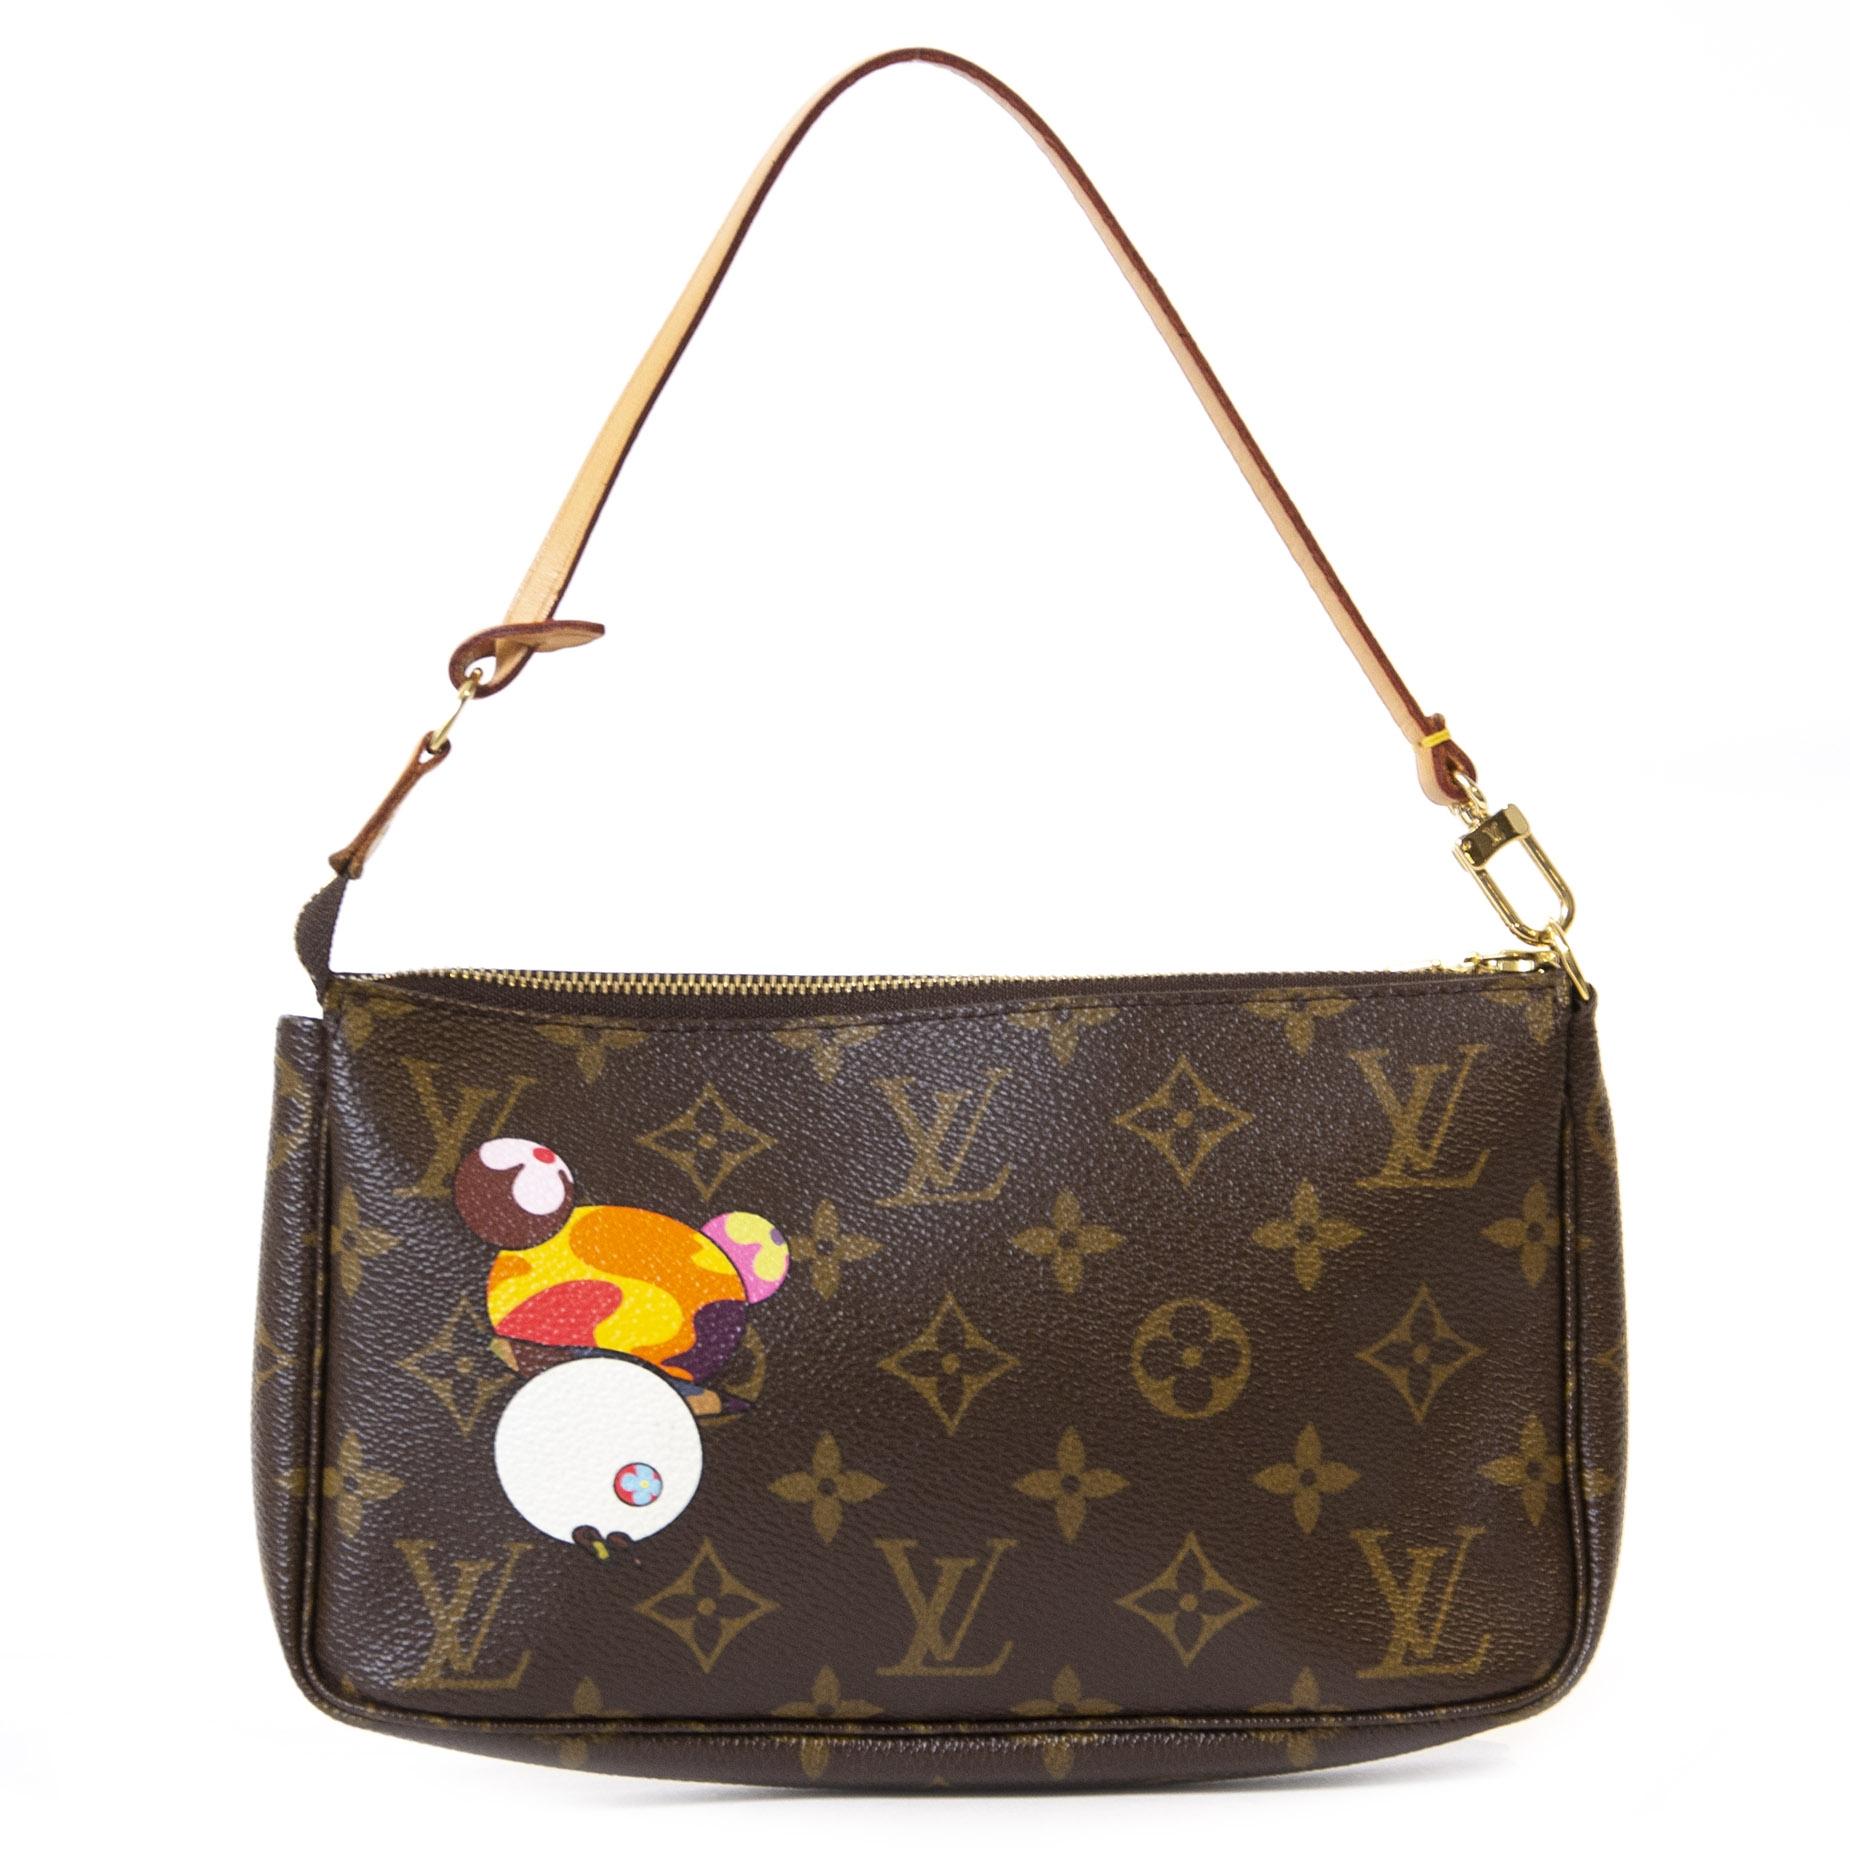 Authentieke Tweedehands Louis Vuitton Monogram Limited Edition Murakami Panda Pochette Bag juiste prijs veilig online winkelen luxe merken webshop winkelen Antwerpen België mode fashion